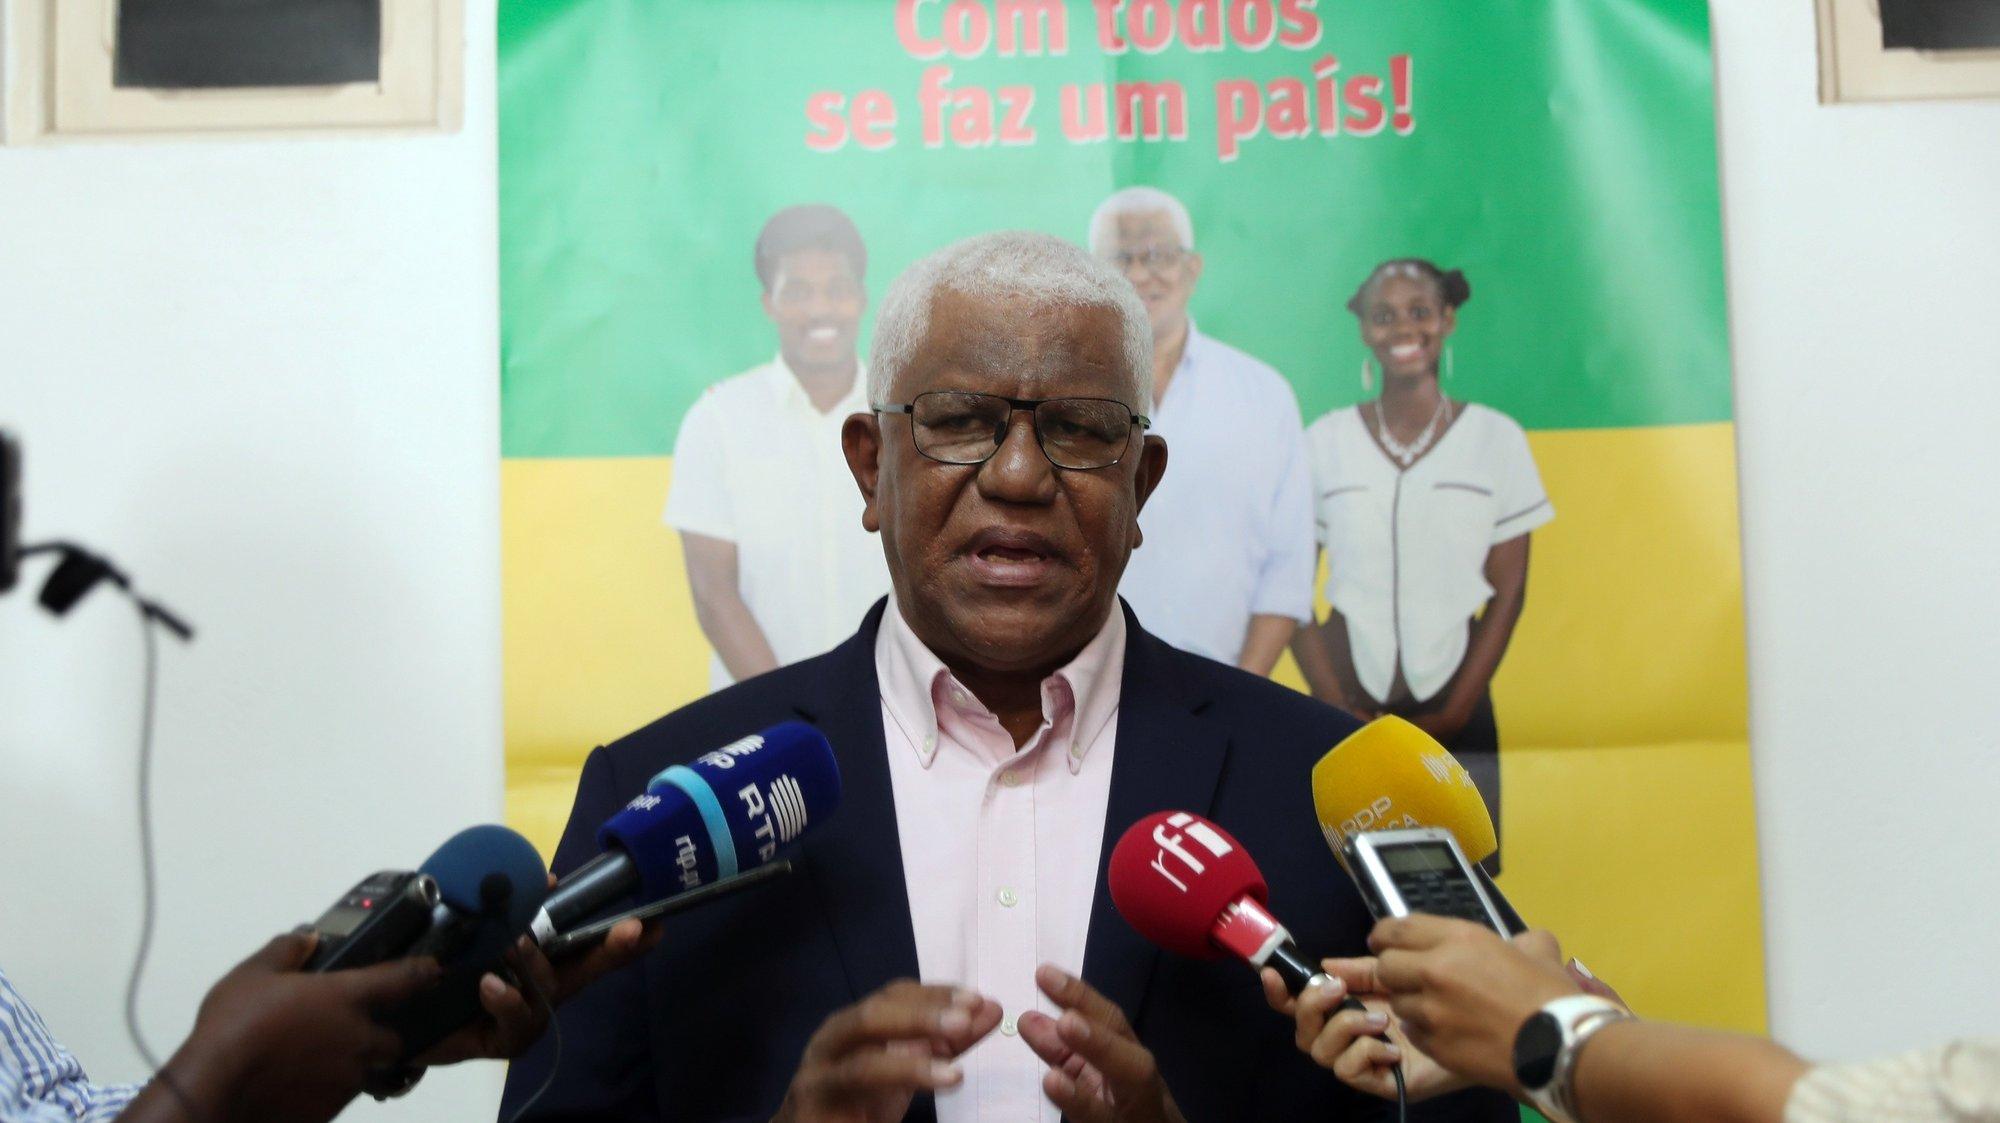 O candidato presidencial Guilherme Posser da Costa, que irá disputar a segunda volta nas eleições, fala aos jornalistas durante uma conferência de imprensa, São Tomé, São Tomé e Príncipe, 20 de julho de 2021. NUNO VEIGA/LUSA